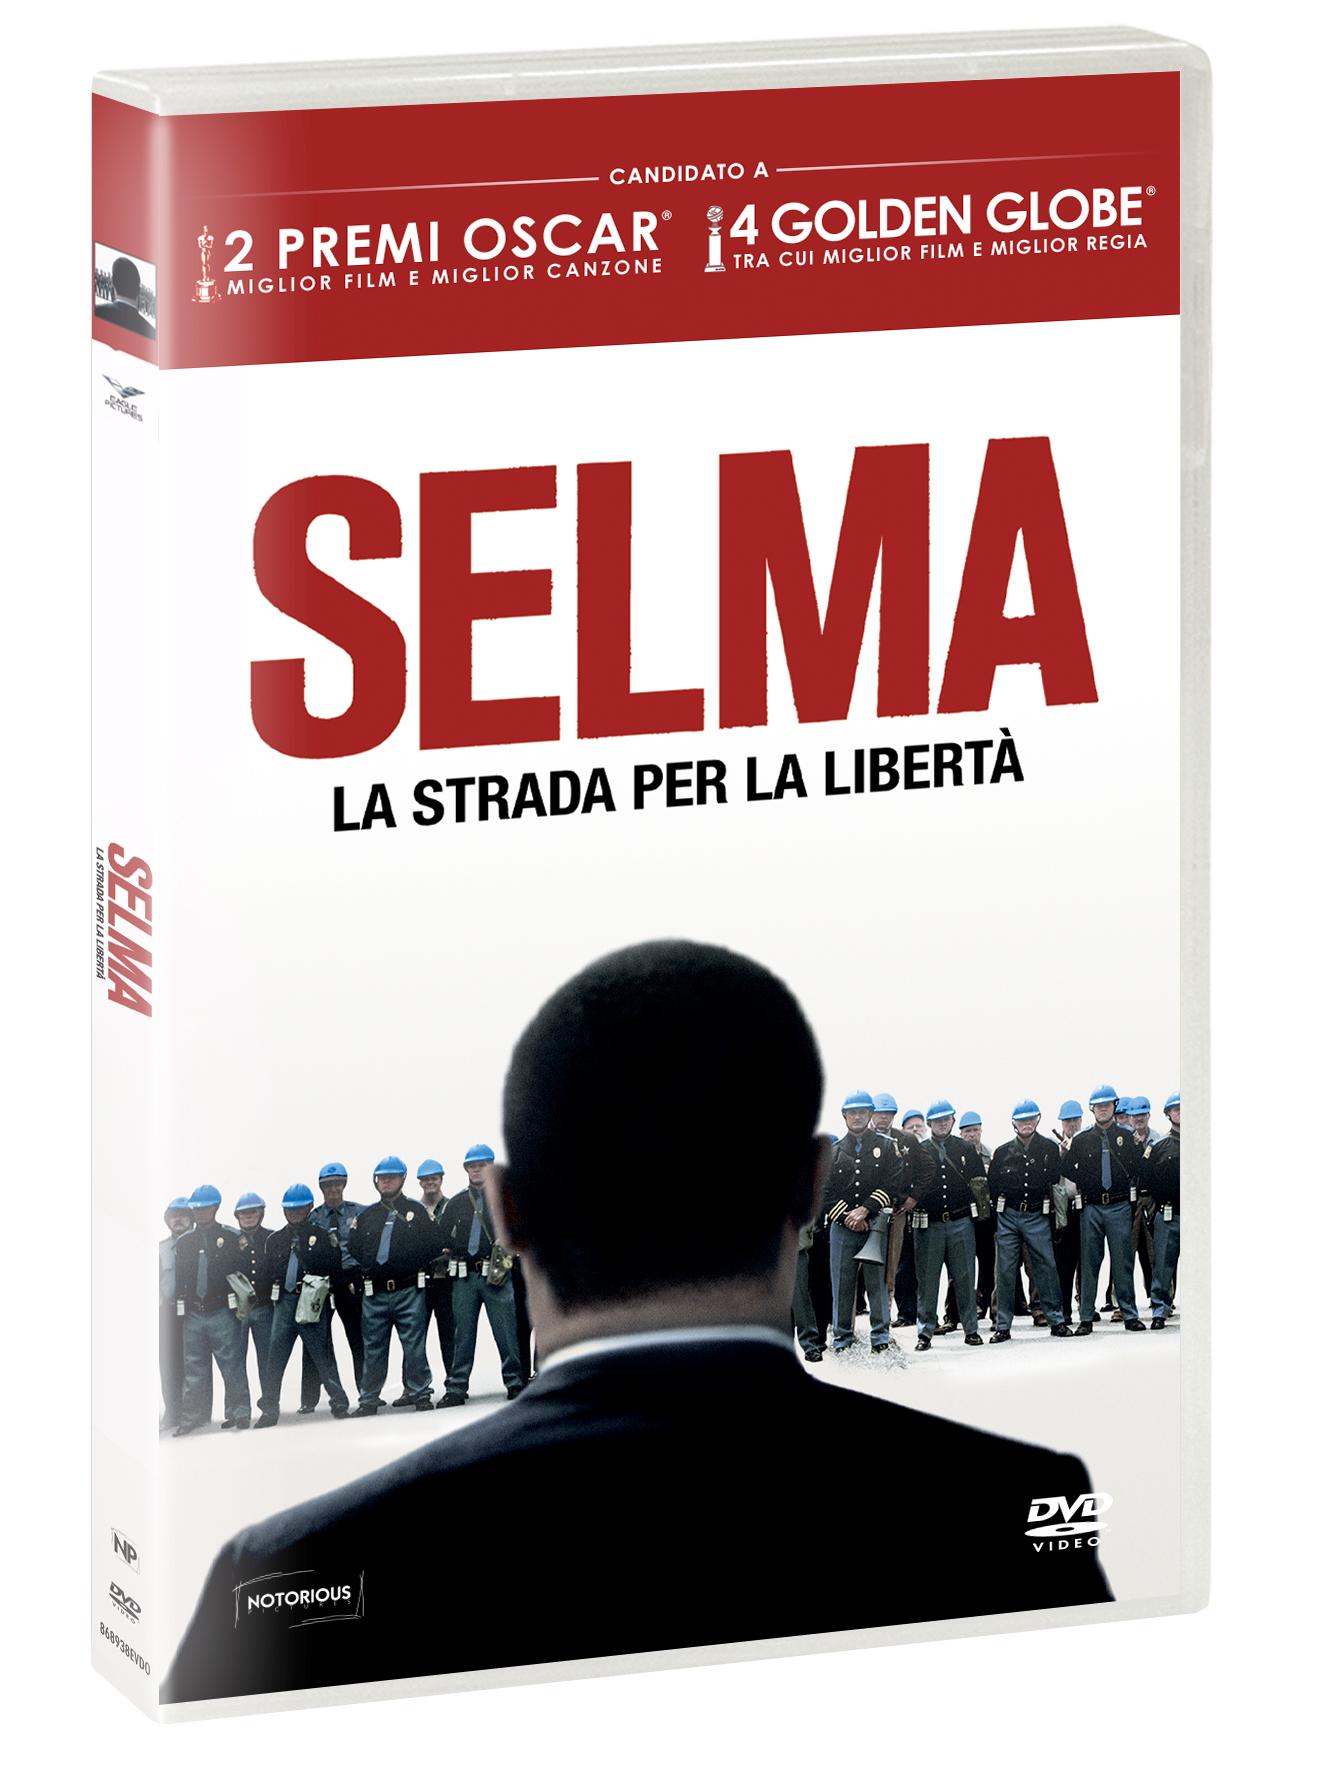 SELMA - LA STRADA PER LA LIBERTA' (DVD)